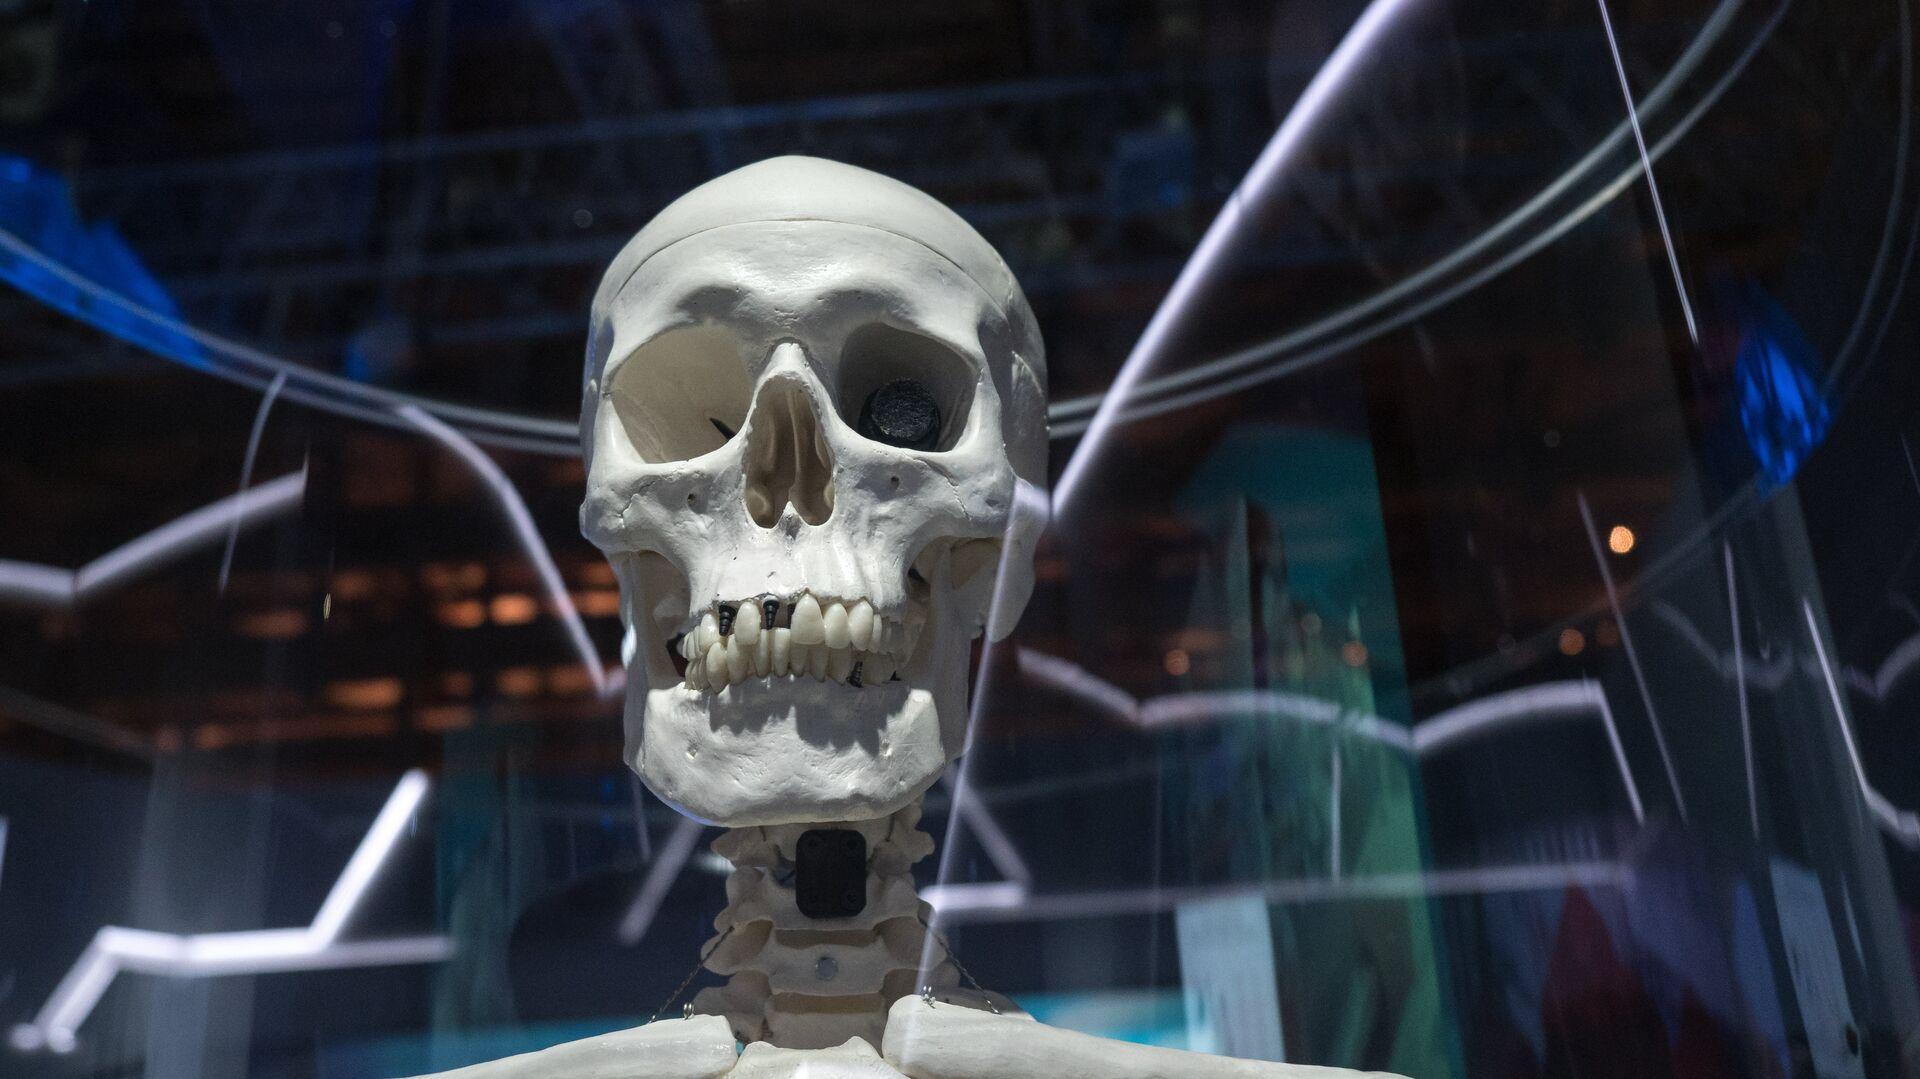 La rivoluzione della protesi? Le ossa create dalla stampante - Sputnik Italia, 1920, 29.05.2021